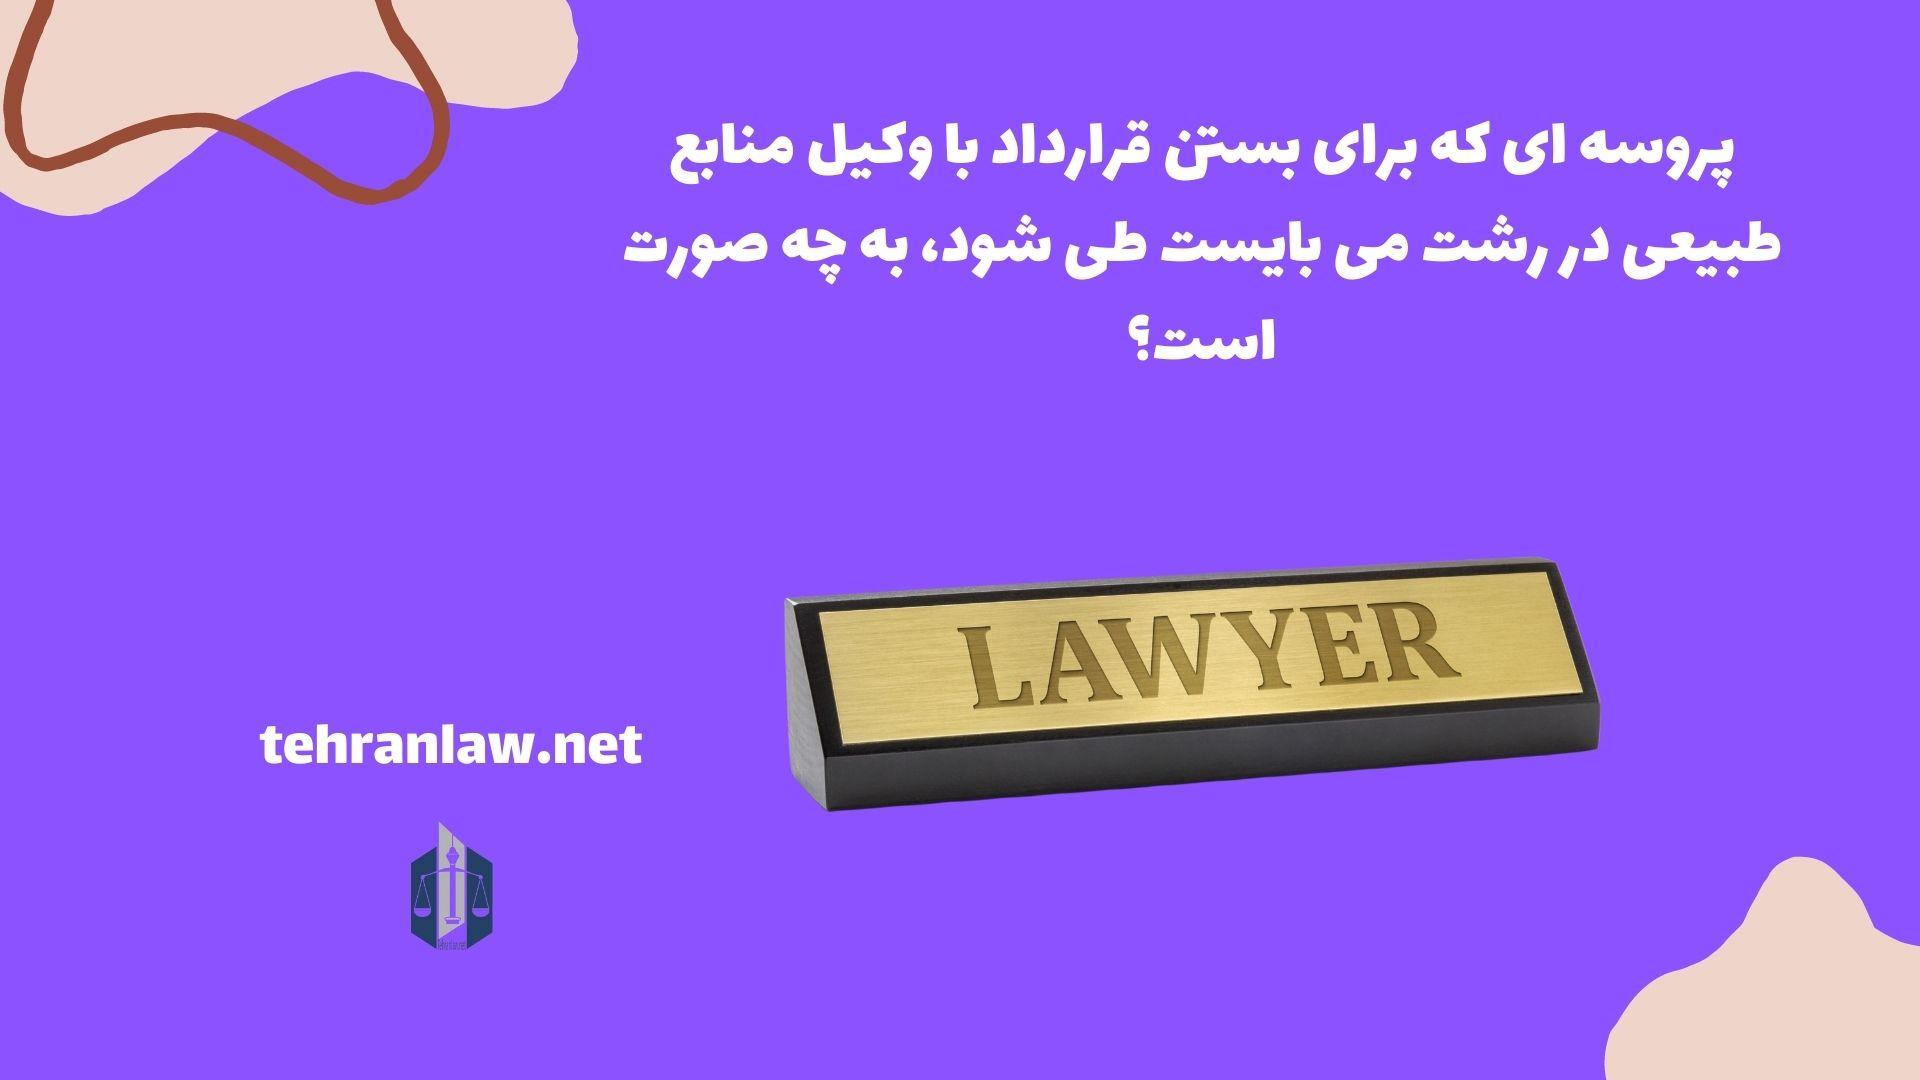 پروسه ای که برای بستن قرارداد با وکیل منابع طبیعی در رشت می بایست طی شود، به چه صورت است؟